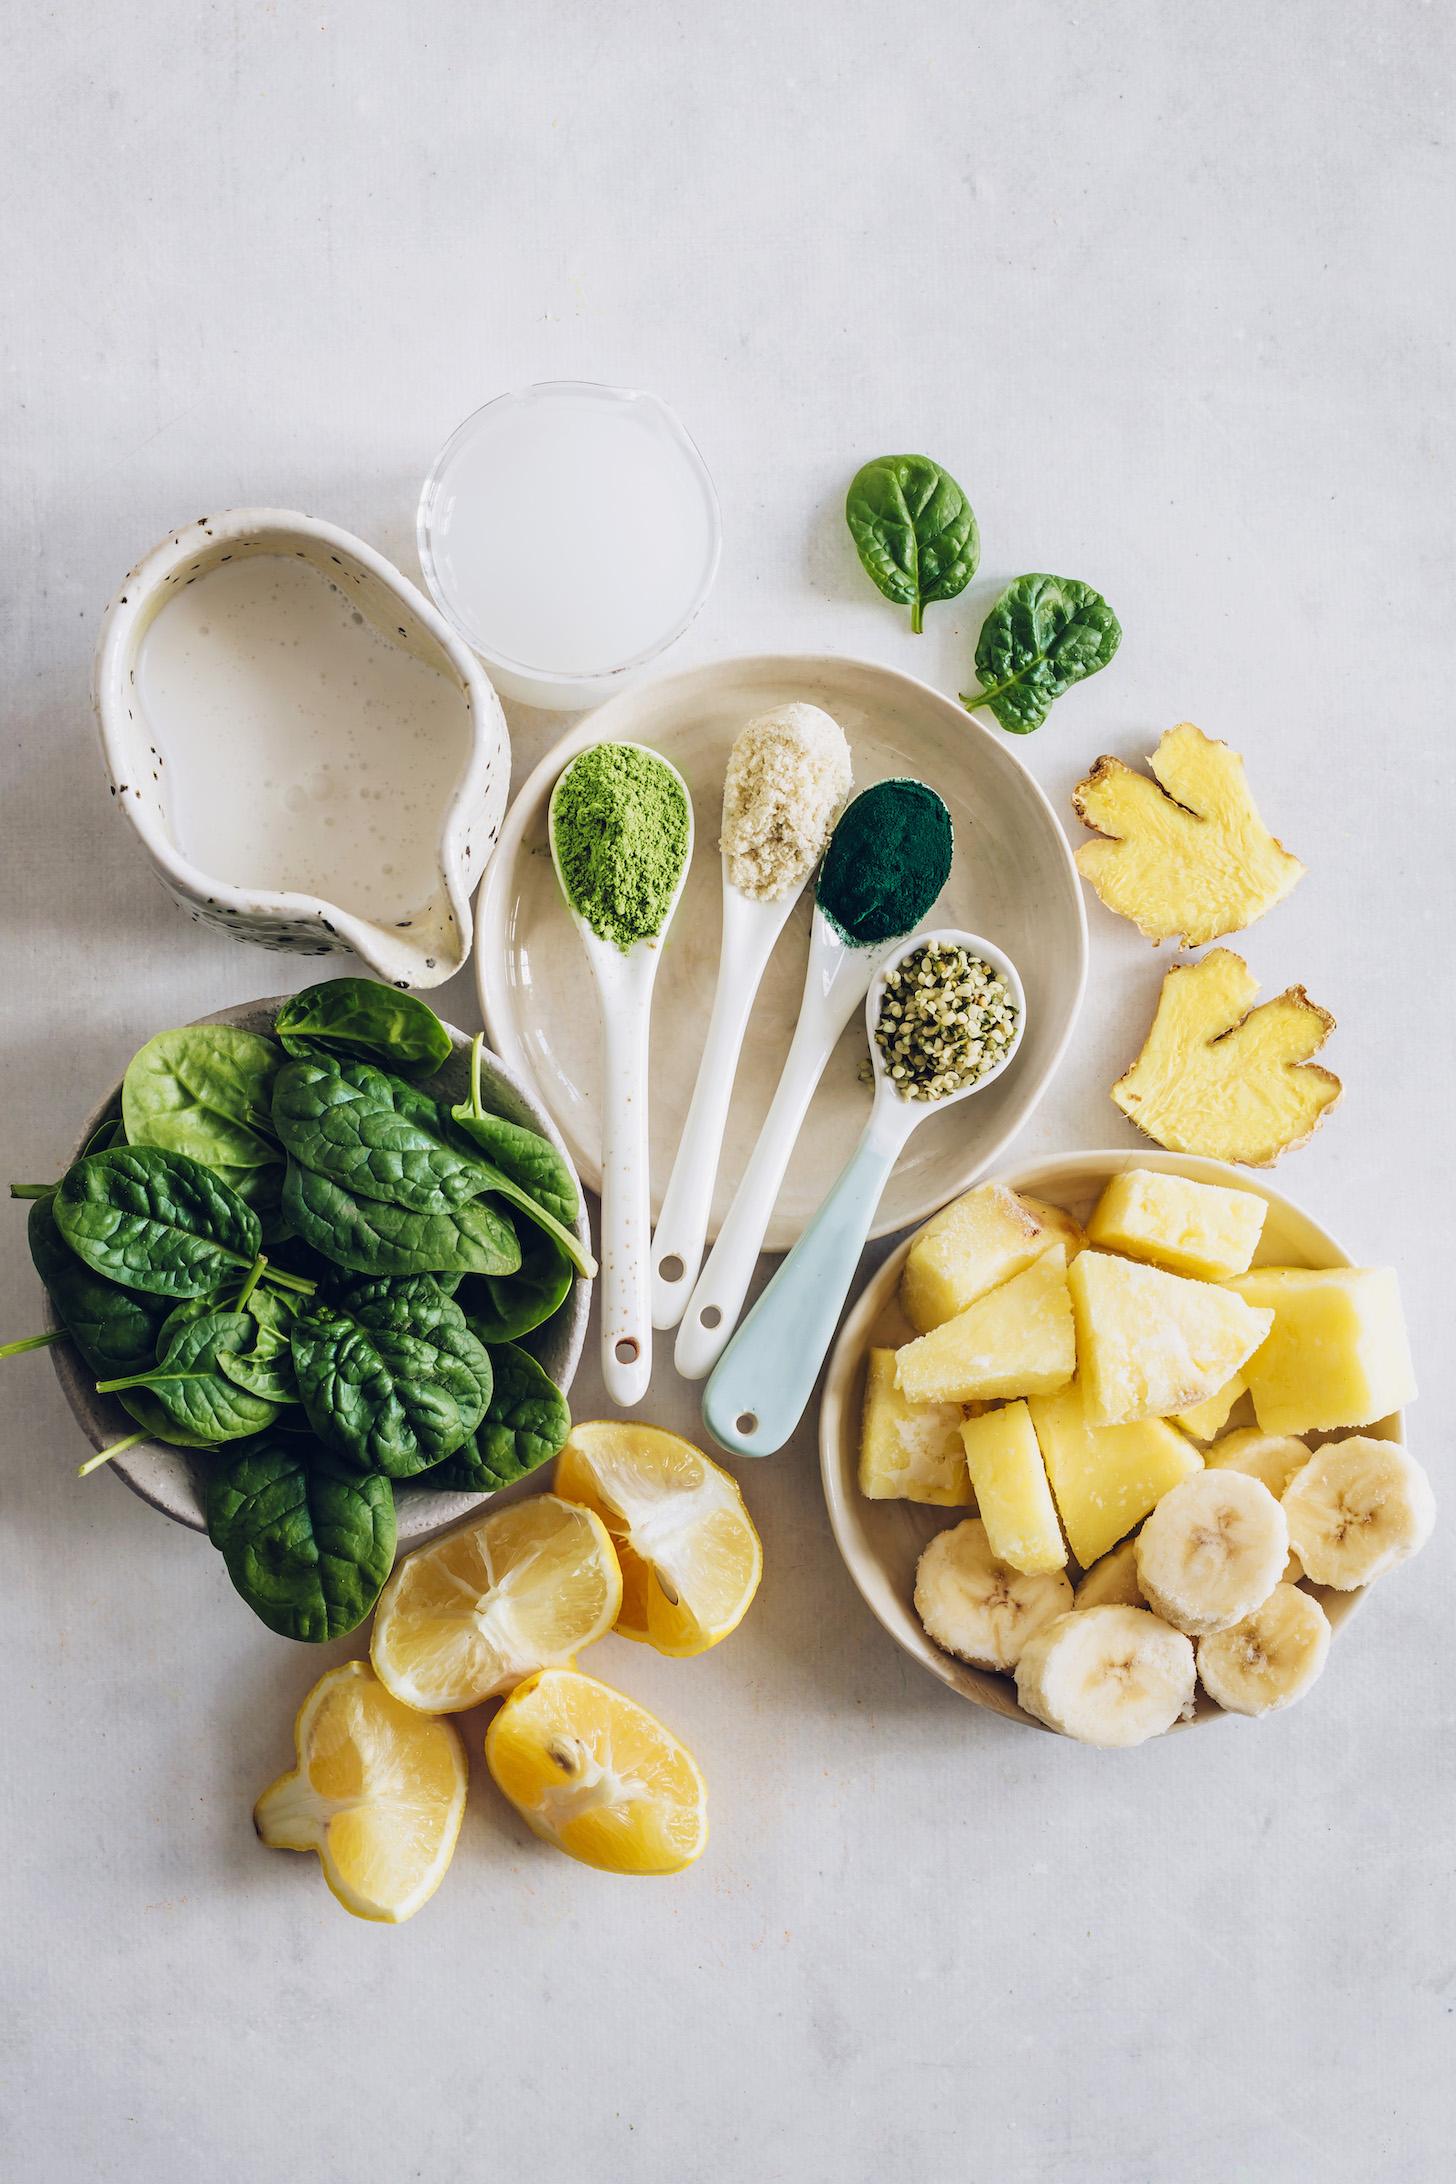 Espinafre bebê, limão, abacaxi, banana, gengibre, sementes de cânhamo, leite sem laticínios, água de coco, pó de baobá, moringa e espirulina